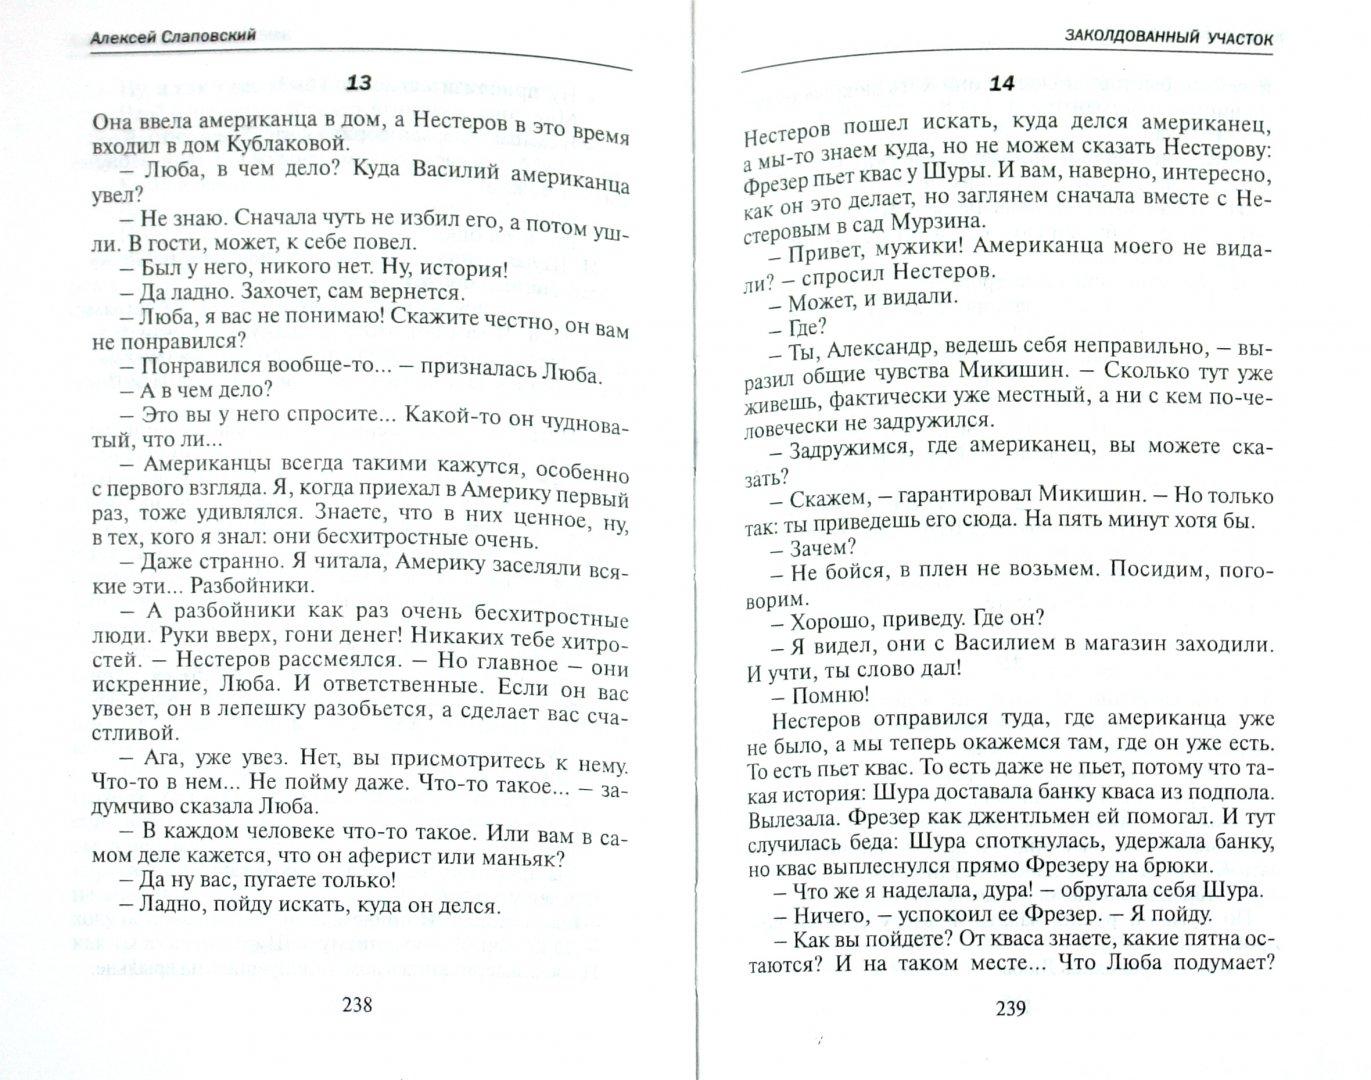 Иллюстрация 1 из 16 для Заколдованный участок - Алексей Слаповский   Лабиринт - книги. Источник: Лабиринт